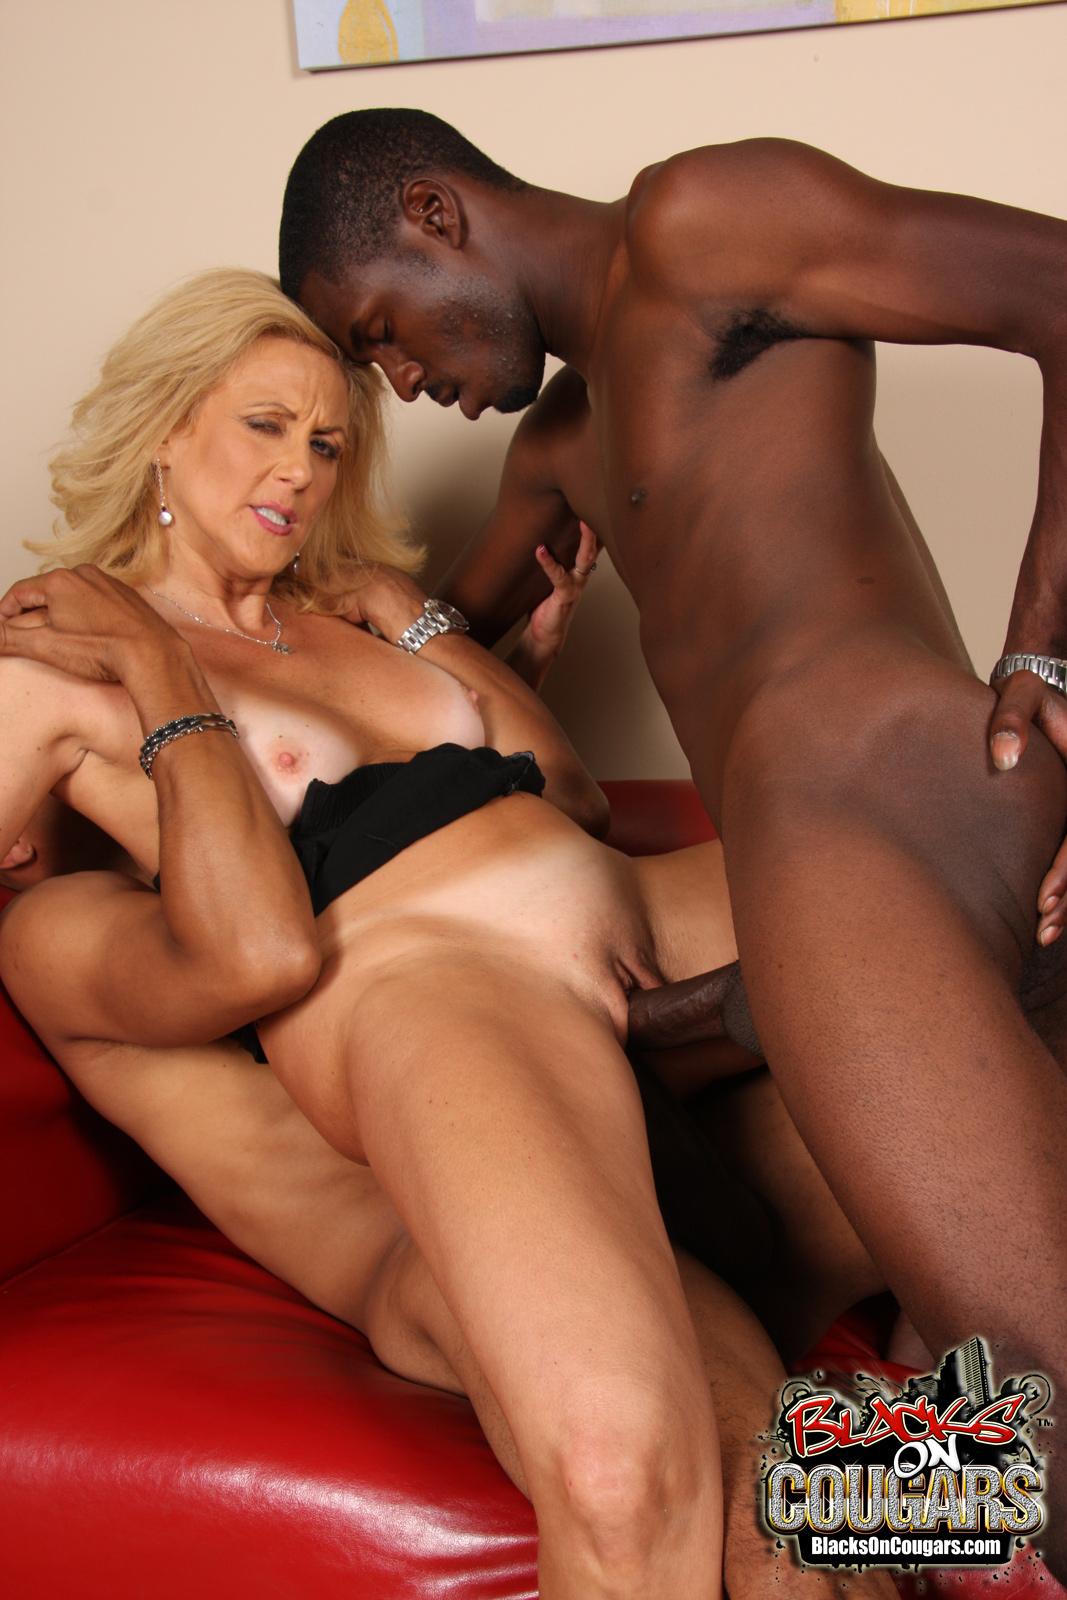 Фото секса с темнокожими 18 фотография